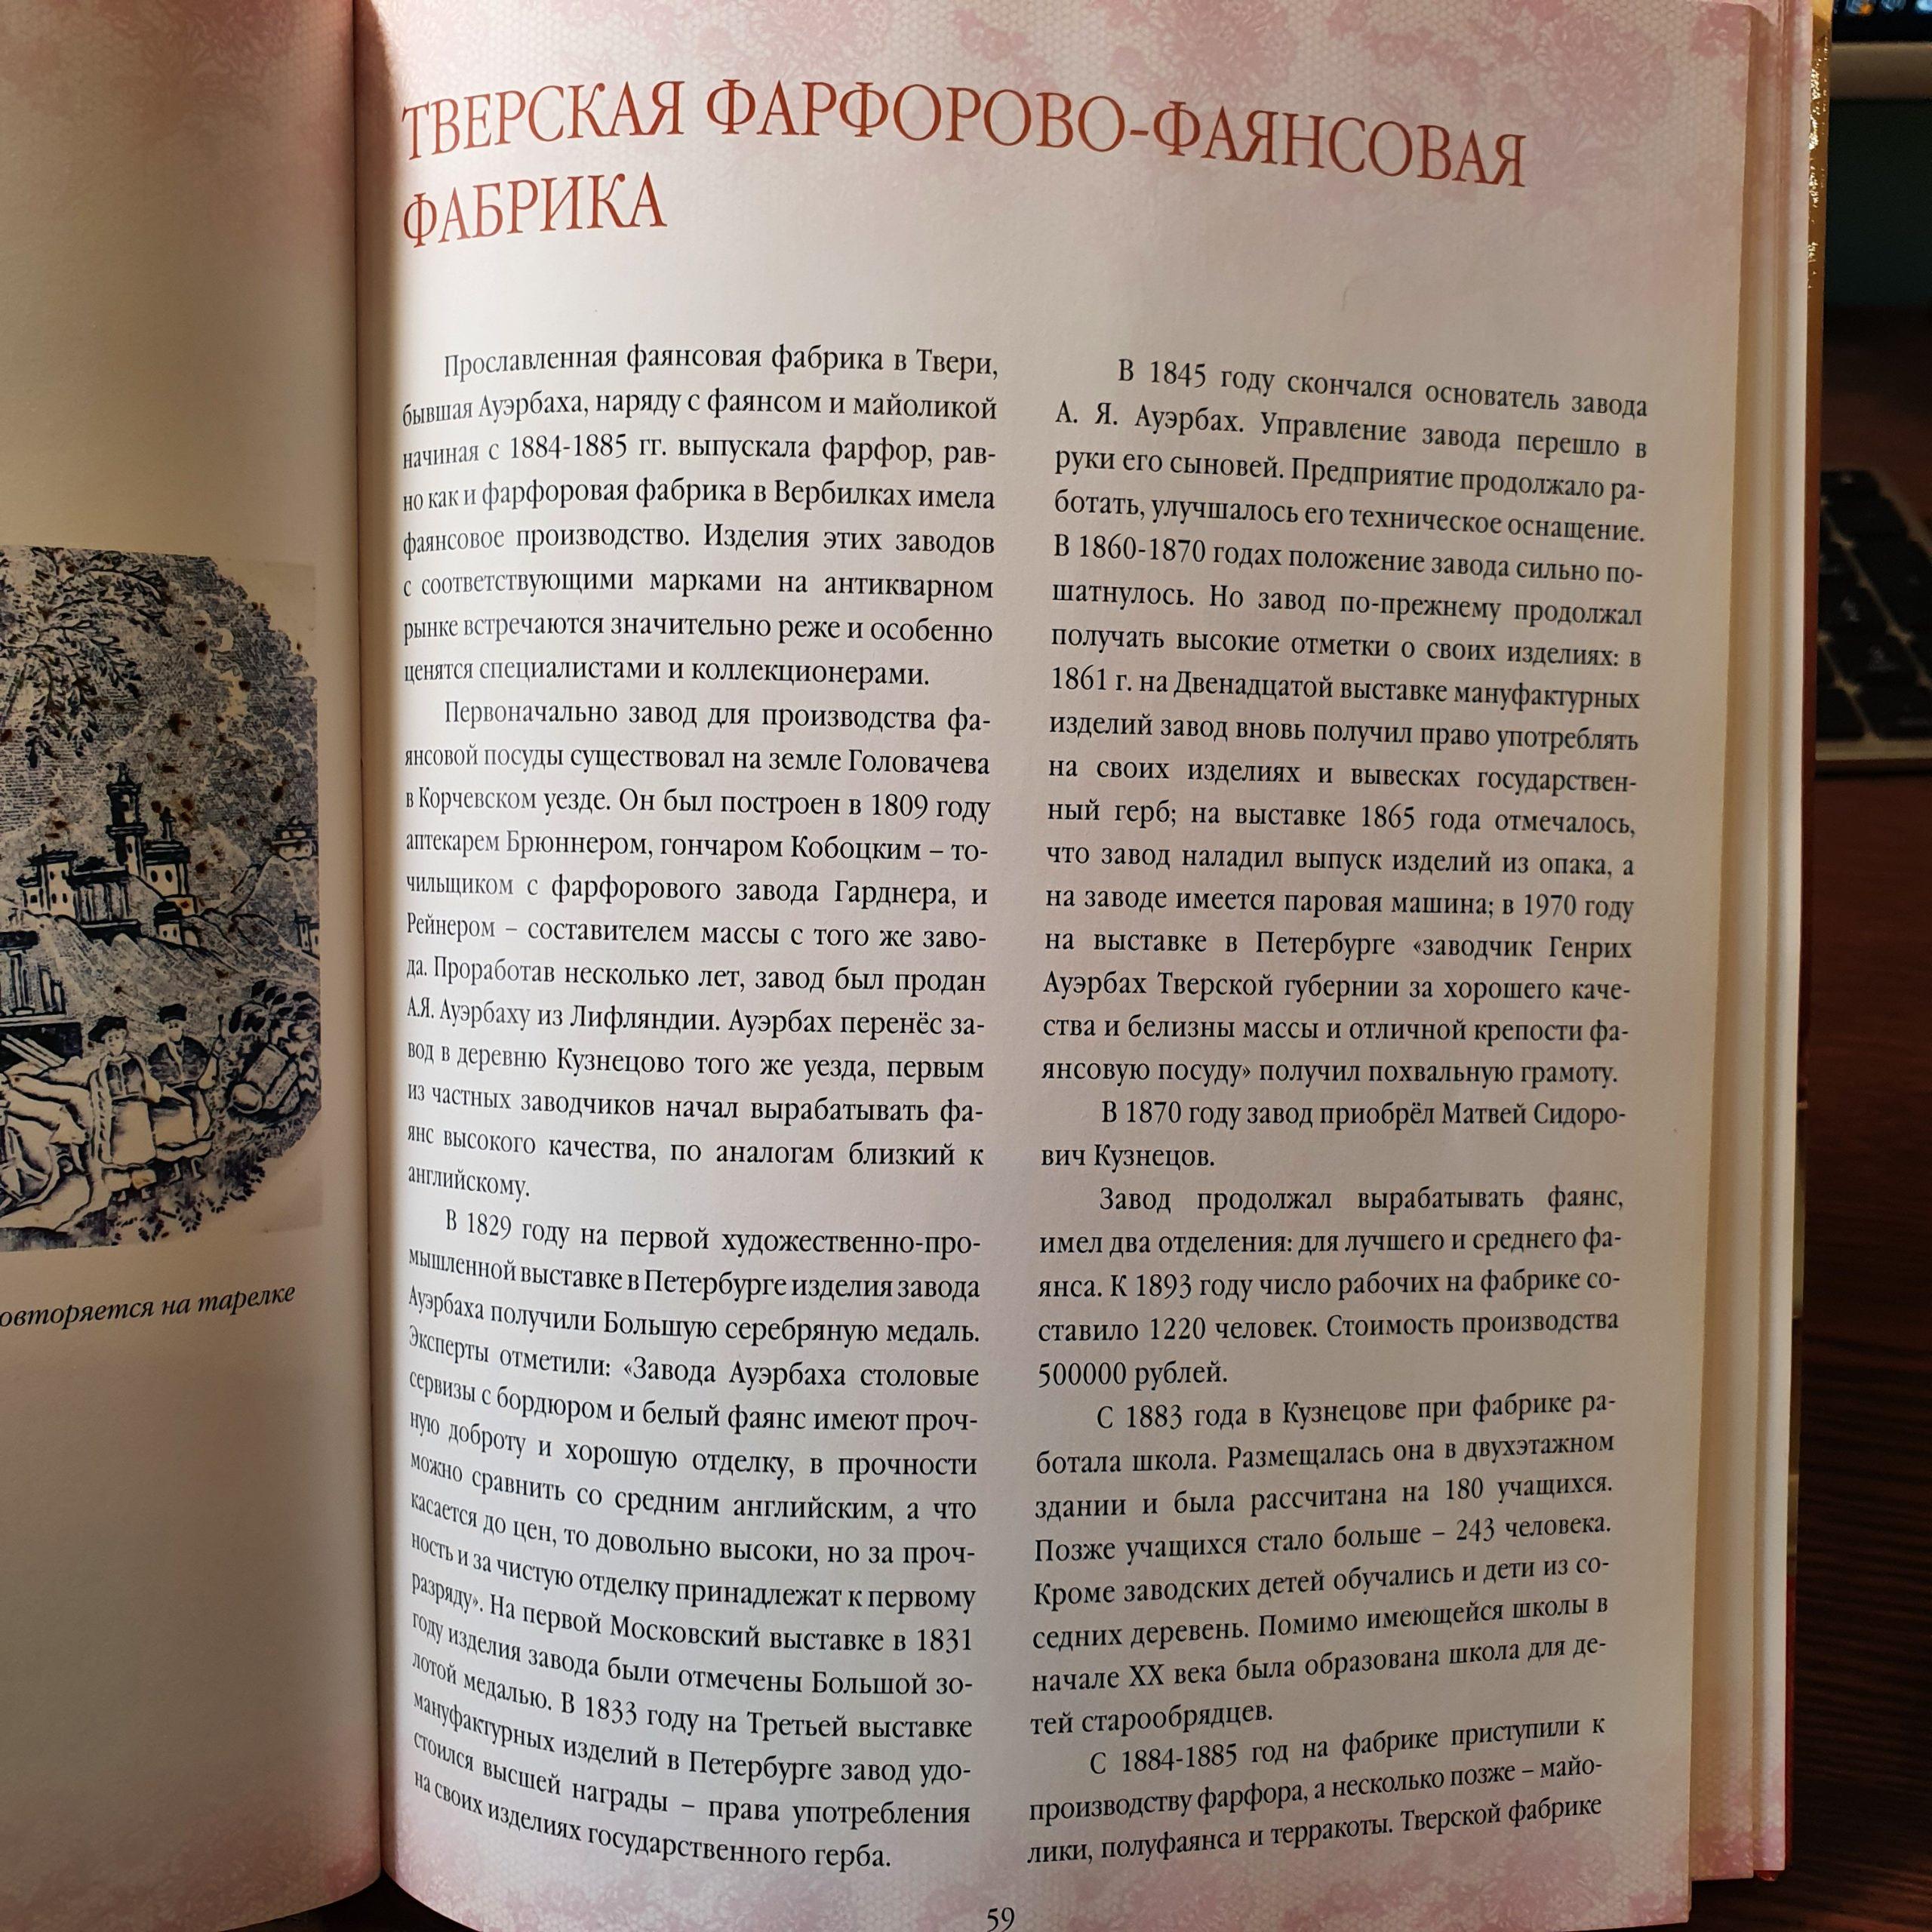 """Декор """"меандр"""" тверской фаянс и тверской фарфор времен М.С.Кузнецова"""